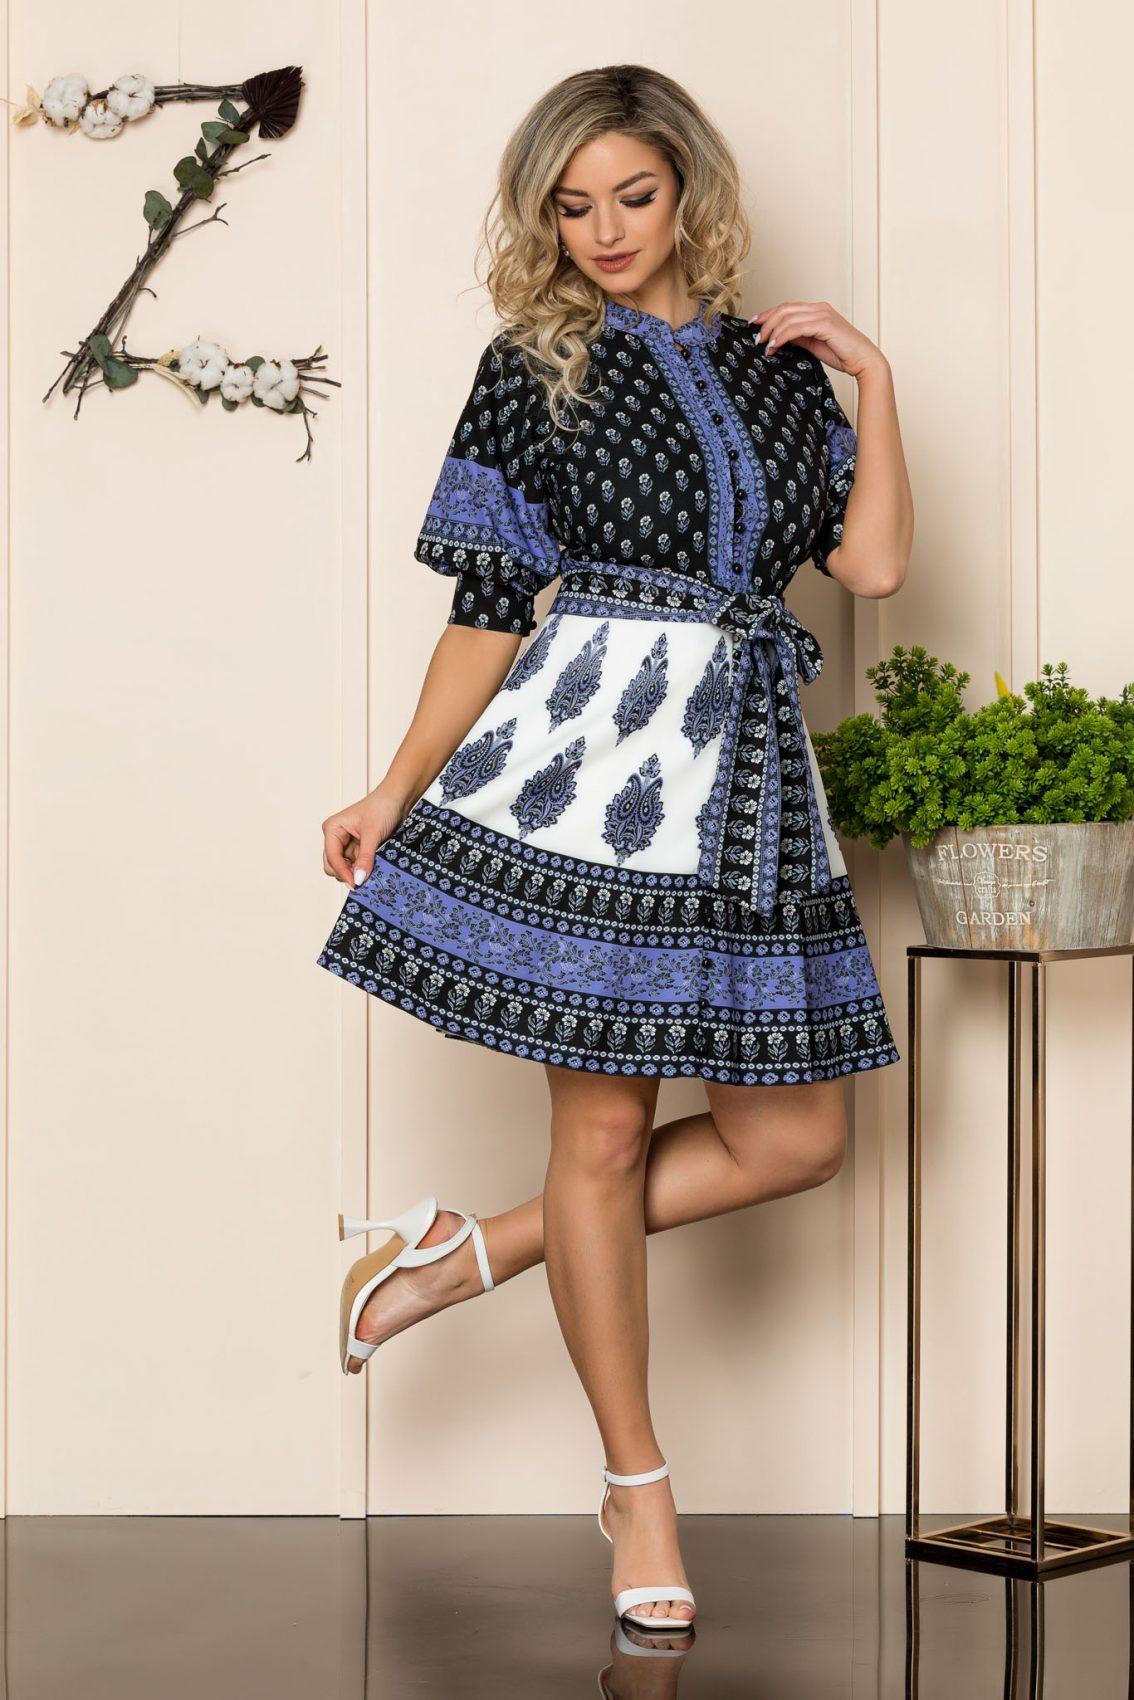 Φόρεμα Με Φουσκωτά Μανίκια Μωβ Janett 1019 1